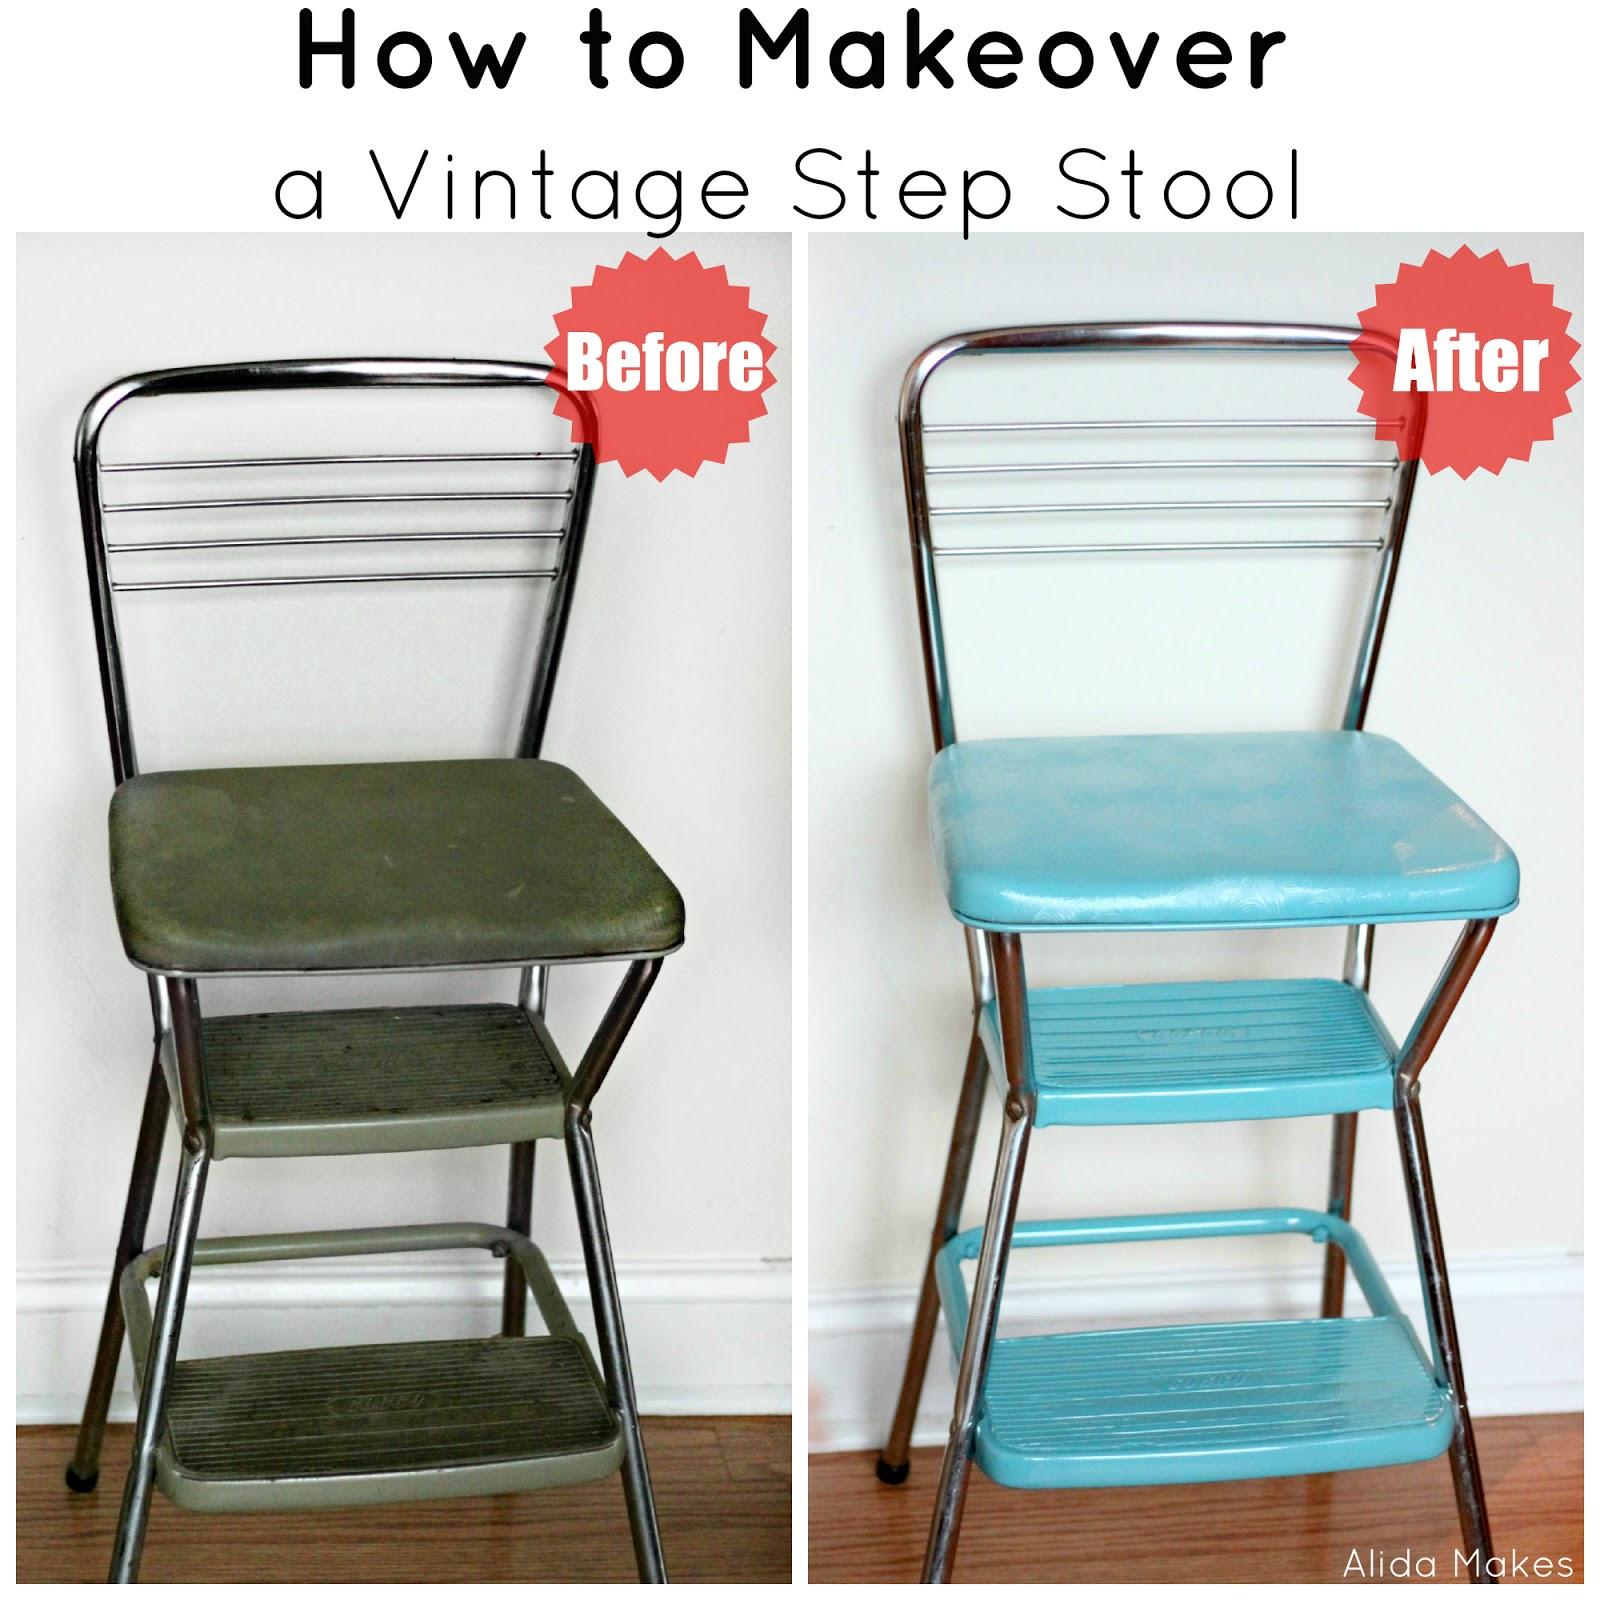 Old Fashioned Kitchen Chair Step Stool Backsplash Tile For Kitchens Vintage Makeover Photo Prop Alida Makes